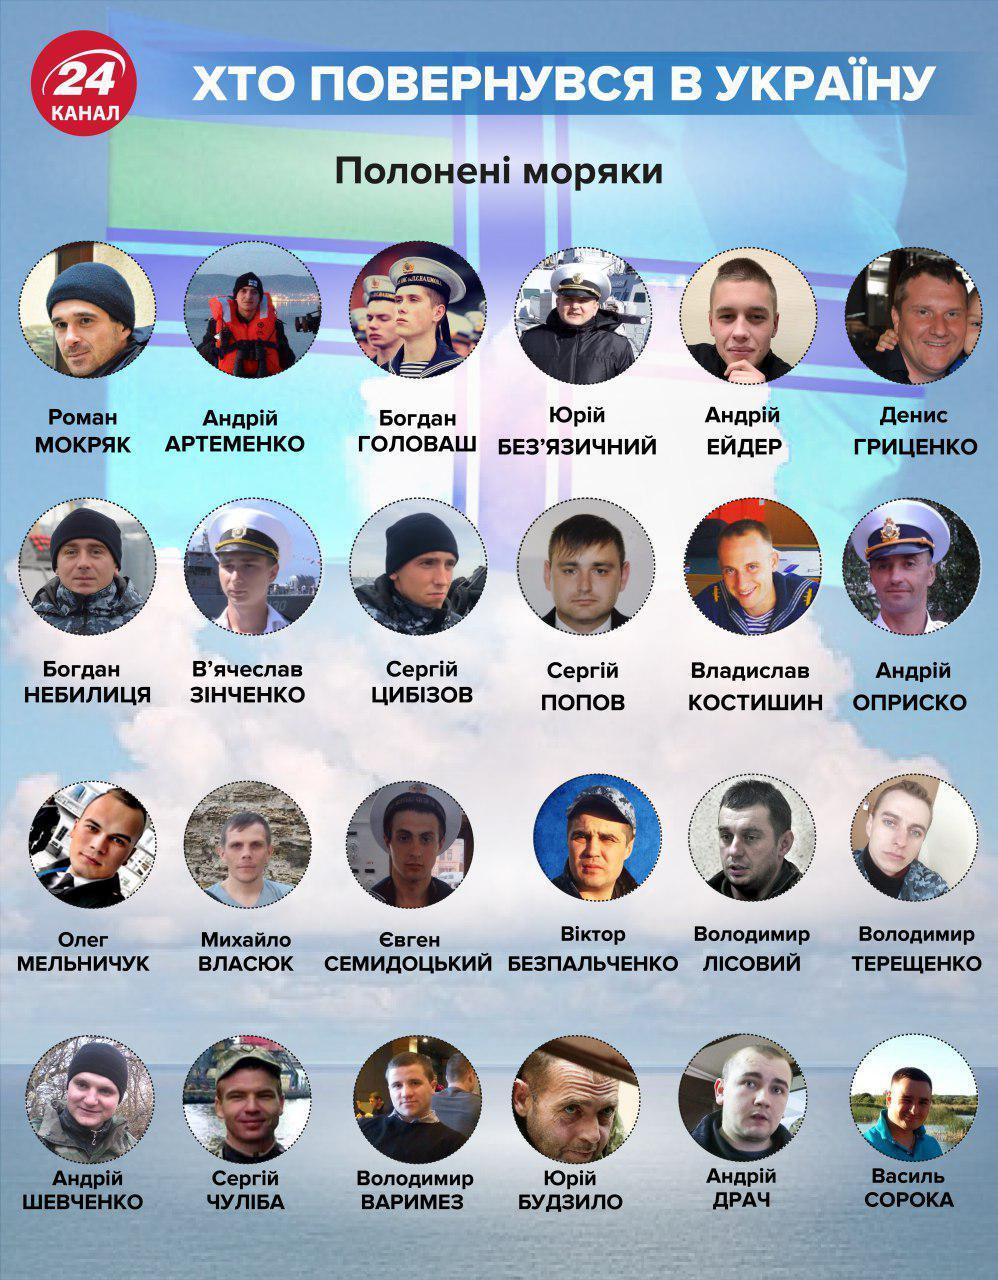 Українські моряки / фото 24 канал